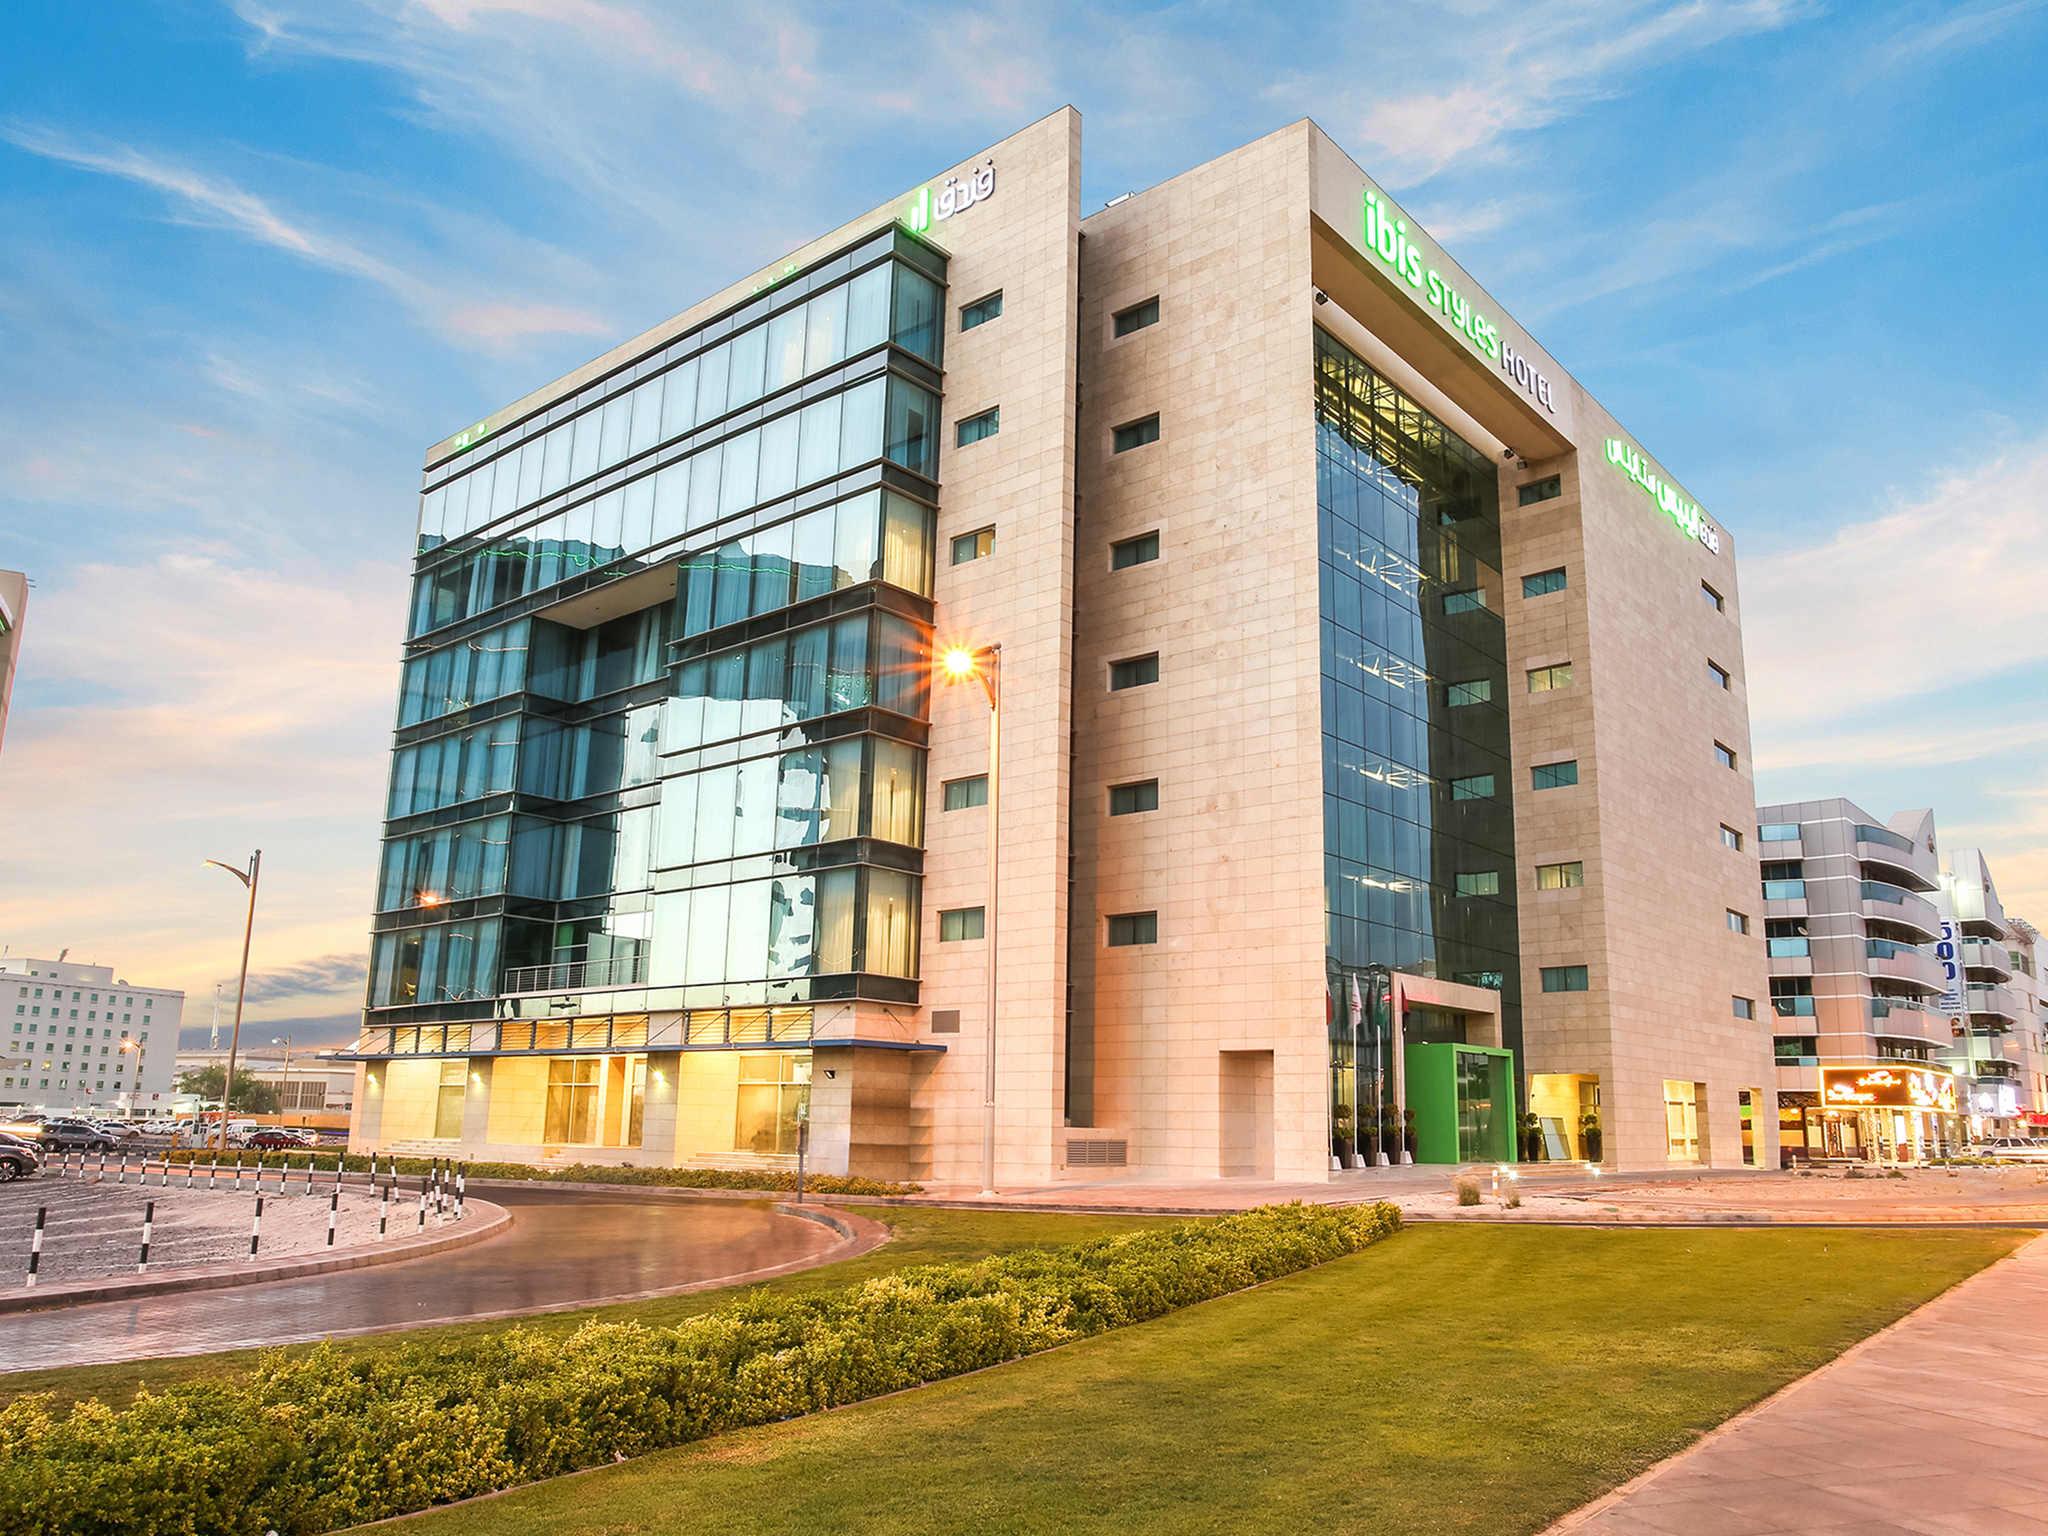 โรงแรม – ไอบิส สไตล์ ดูไบ จูไมราห์